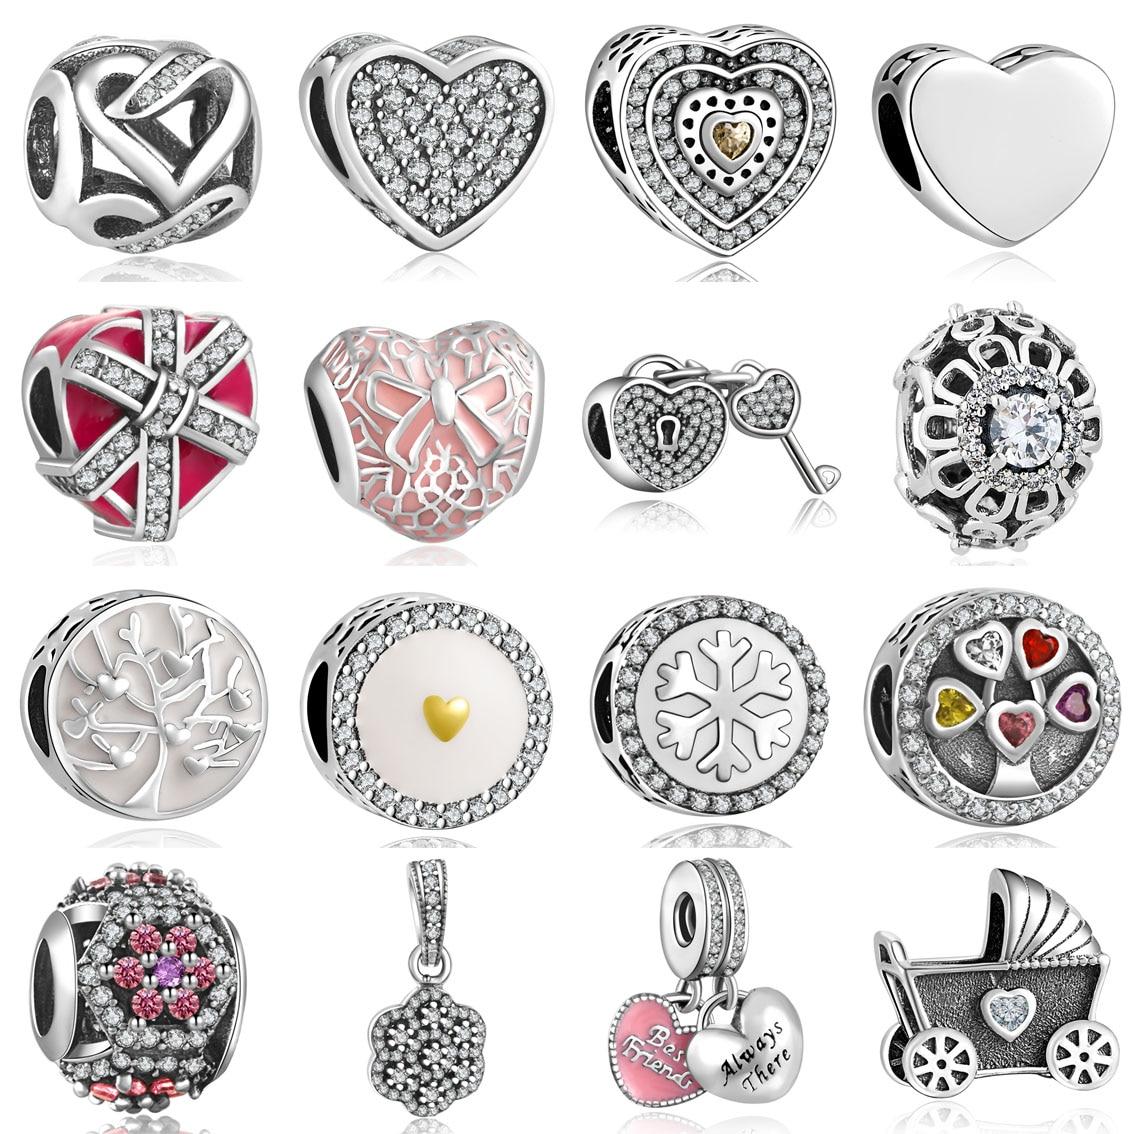 Rruaza të bukura të bukura të lartë 925 të argjendit me kristal të plotë, të varur me rrathë pendora origjinale pandora, për bizhuteri për gra